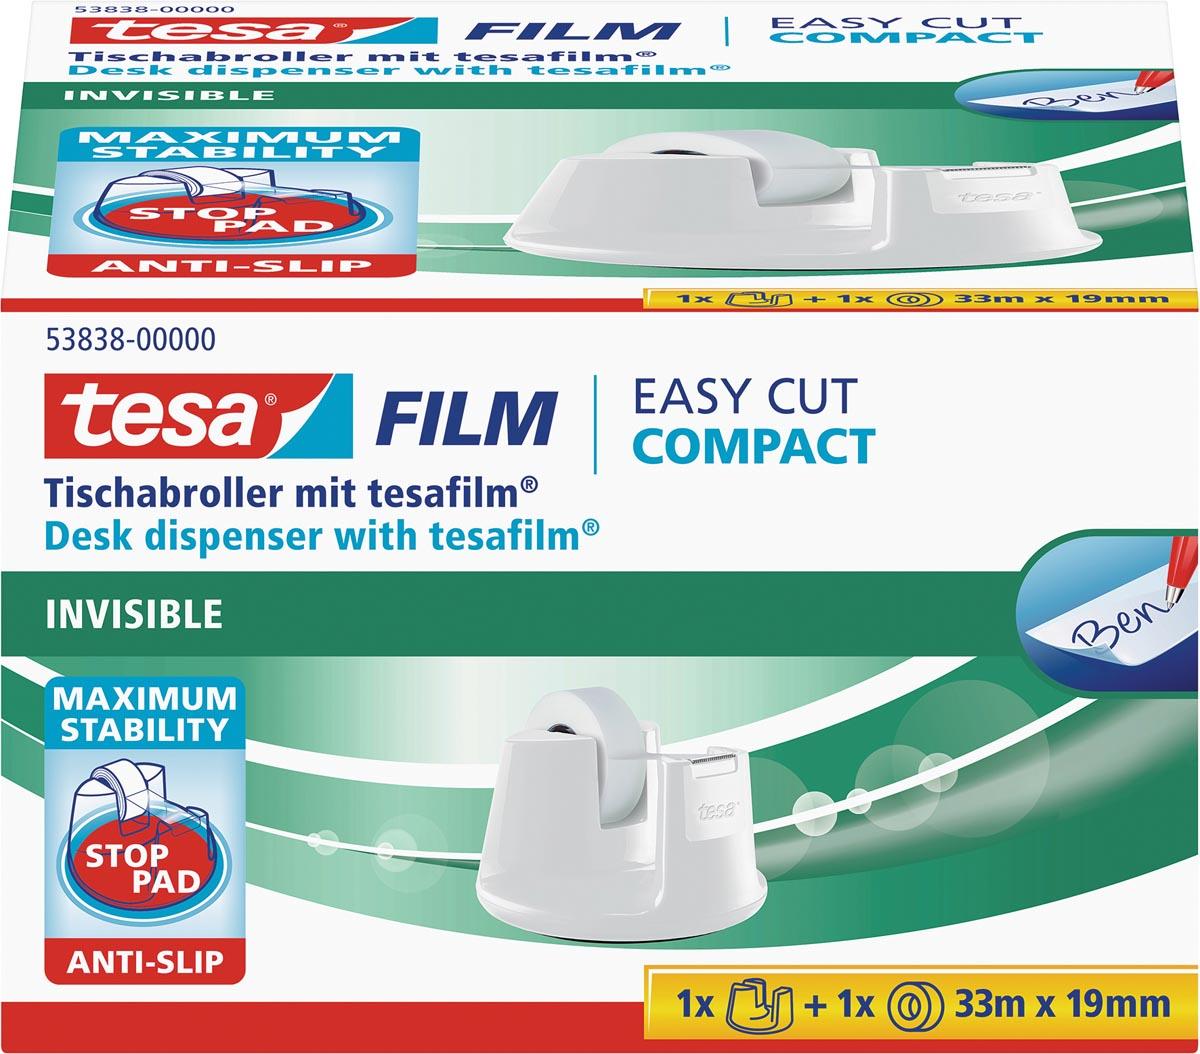 Tesa plakbandafroller Easy Cut Compact, voor rollen van ft 33 m x 19 mm, wit